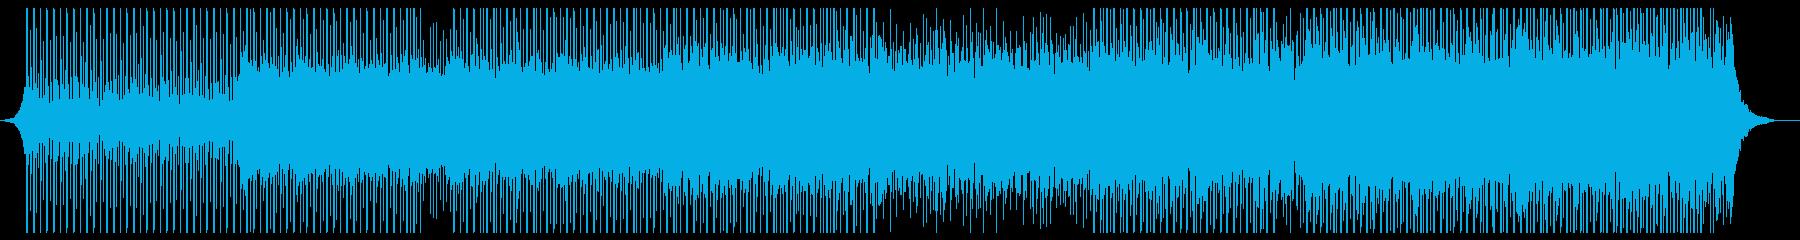 テクノロジーコーポレートの再生済みの波形